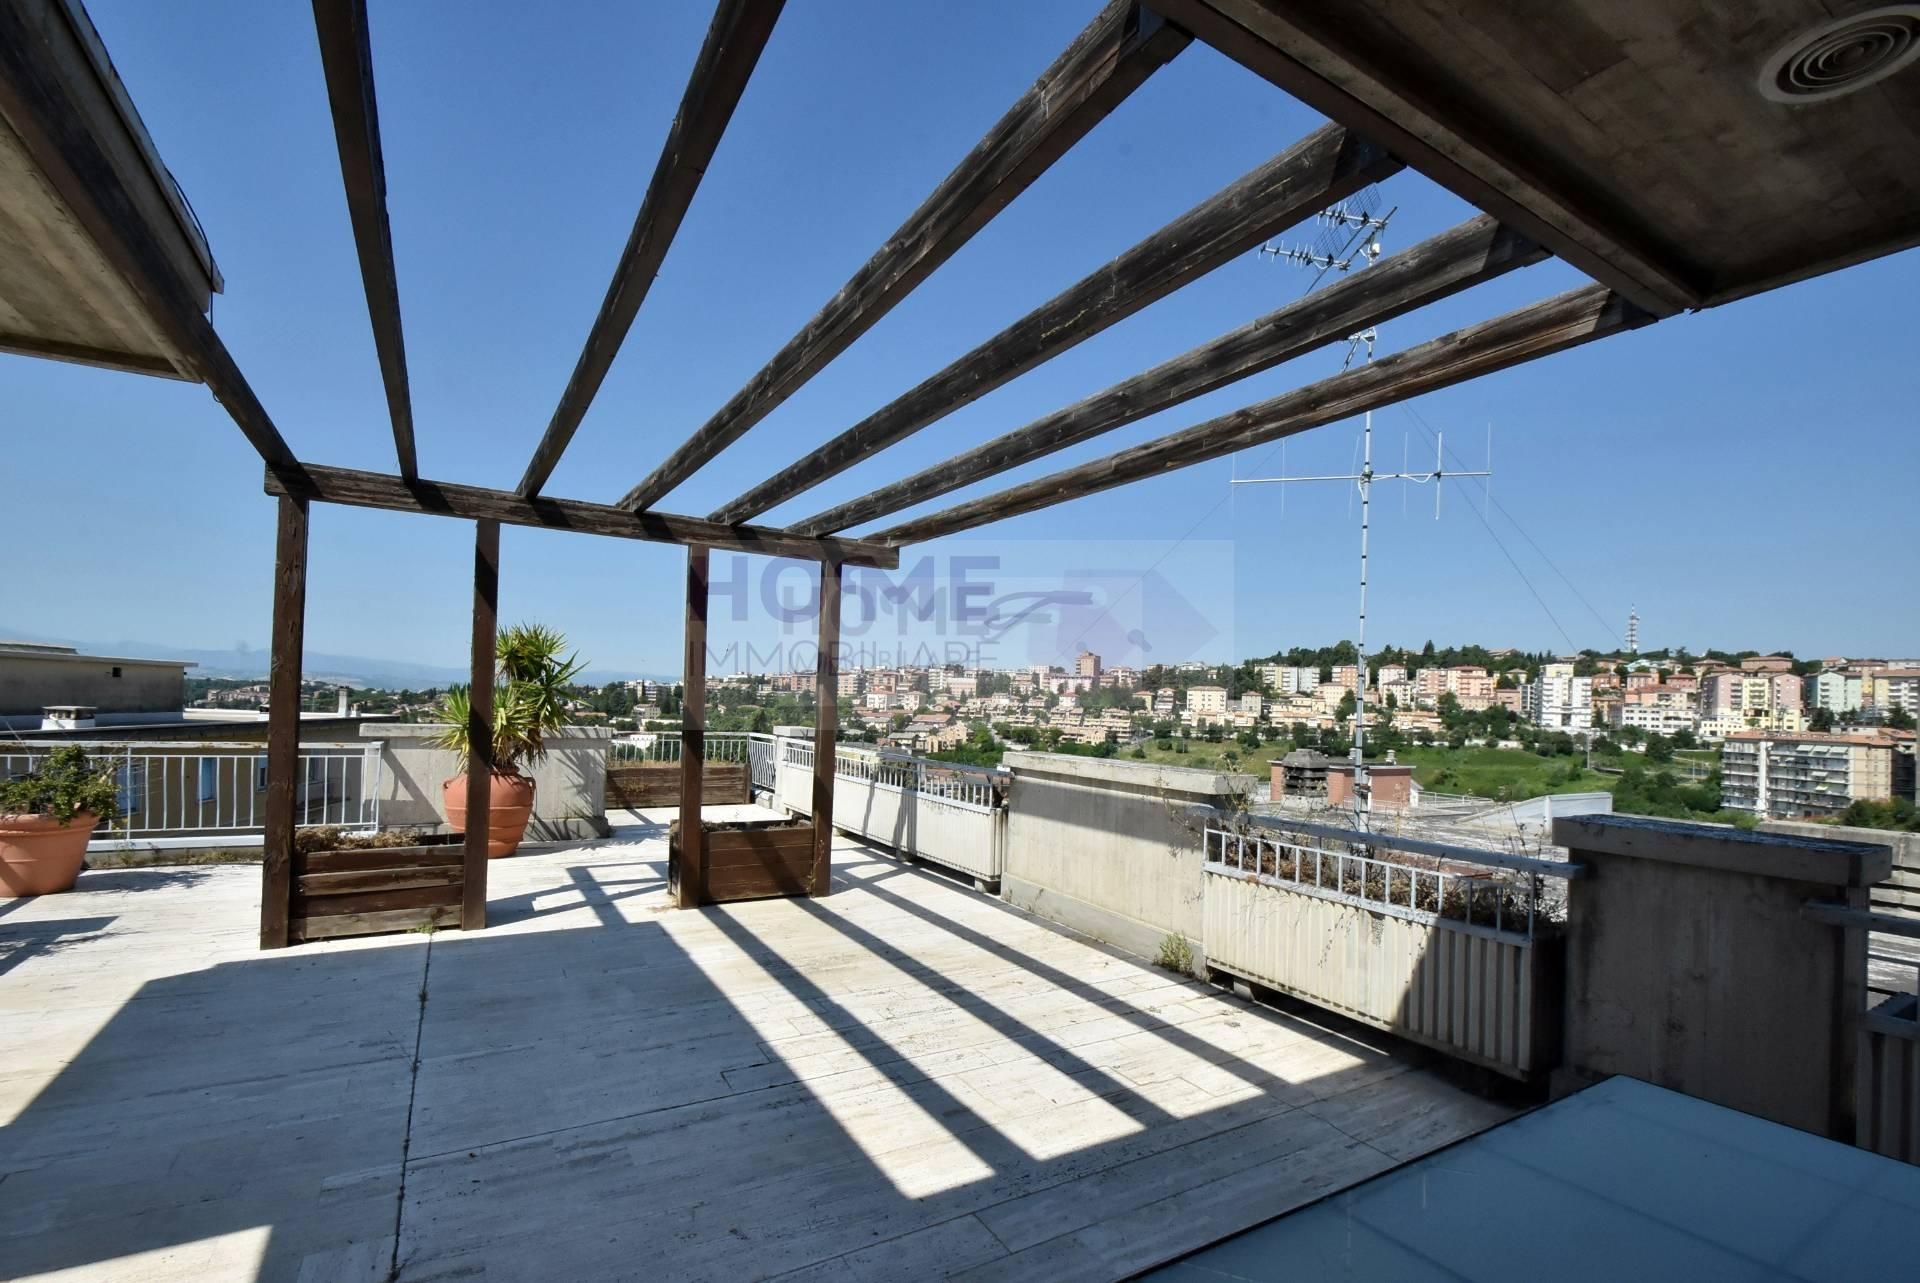 Attico / Mansarda in vendita a Macerata, 7 locali, zona Località: ZonaCentrale, prezzo € 340.000 | CambioCasa.it